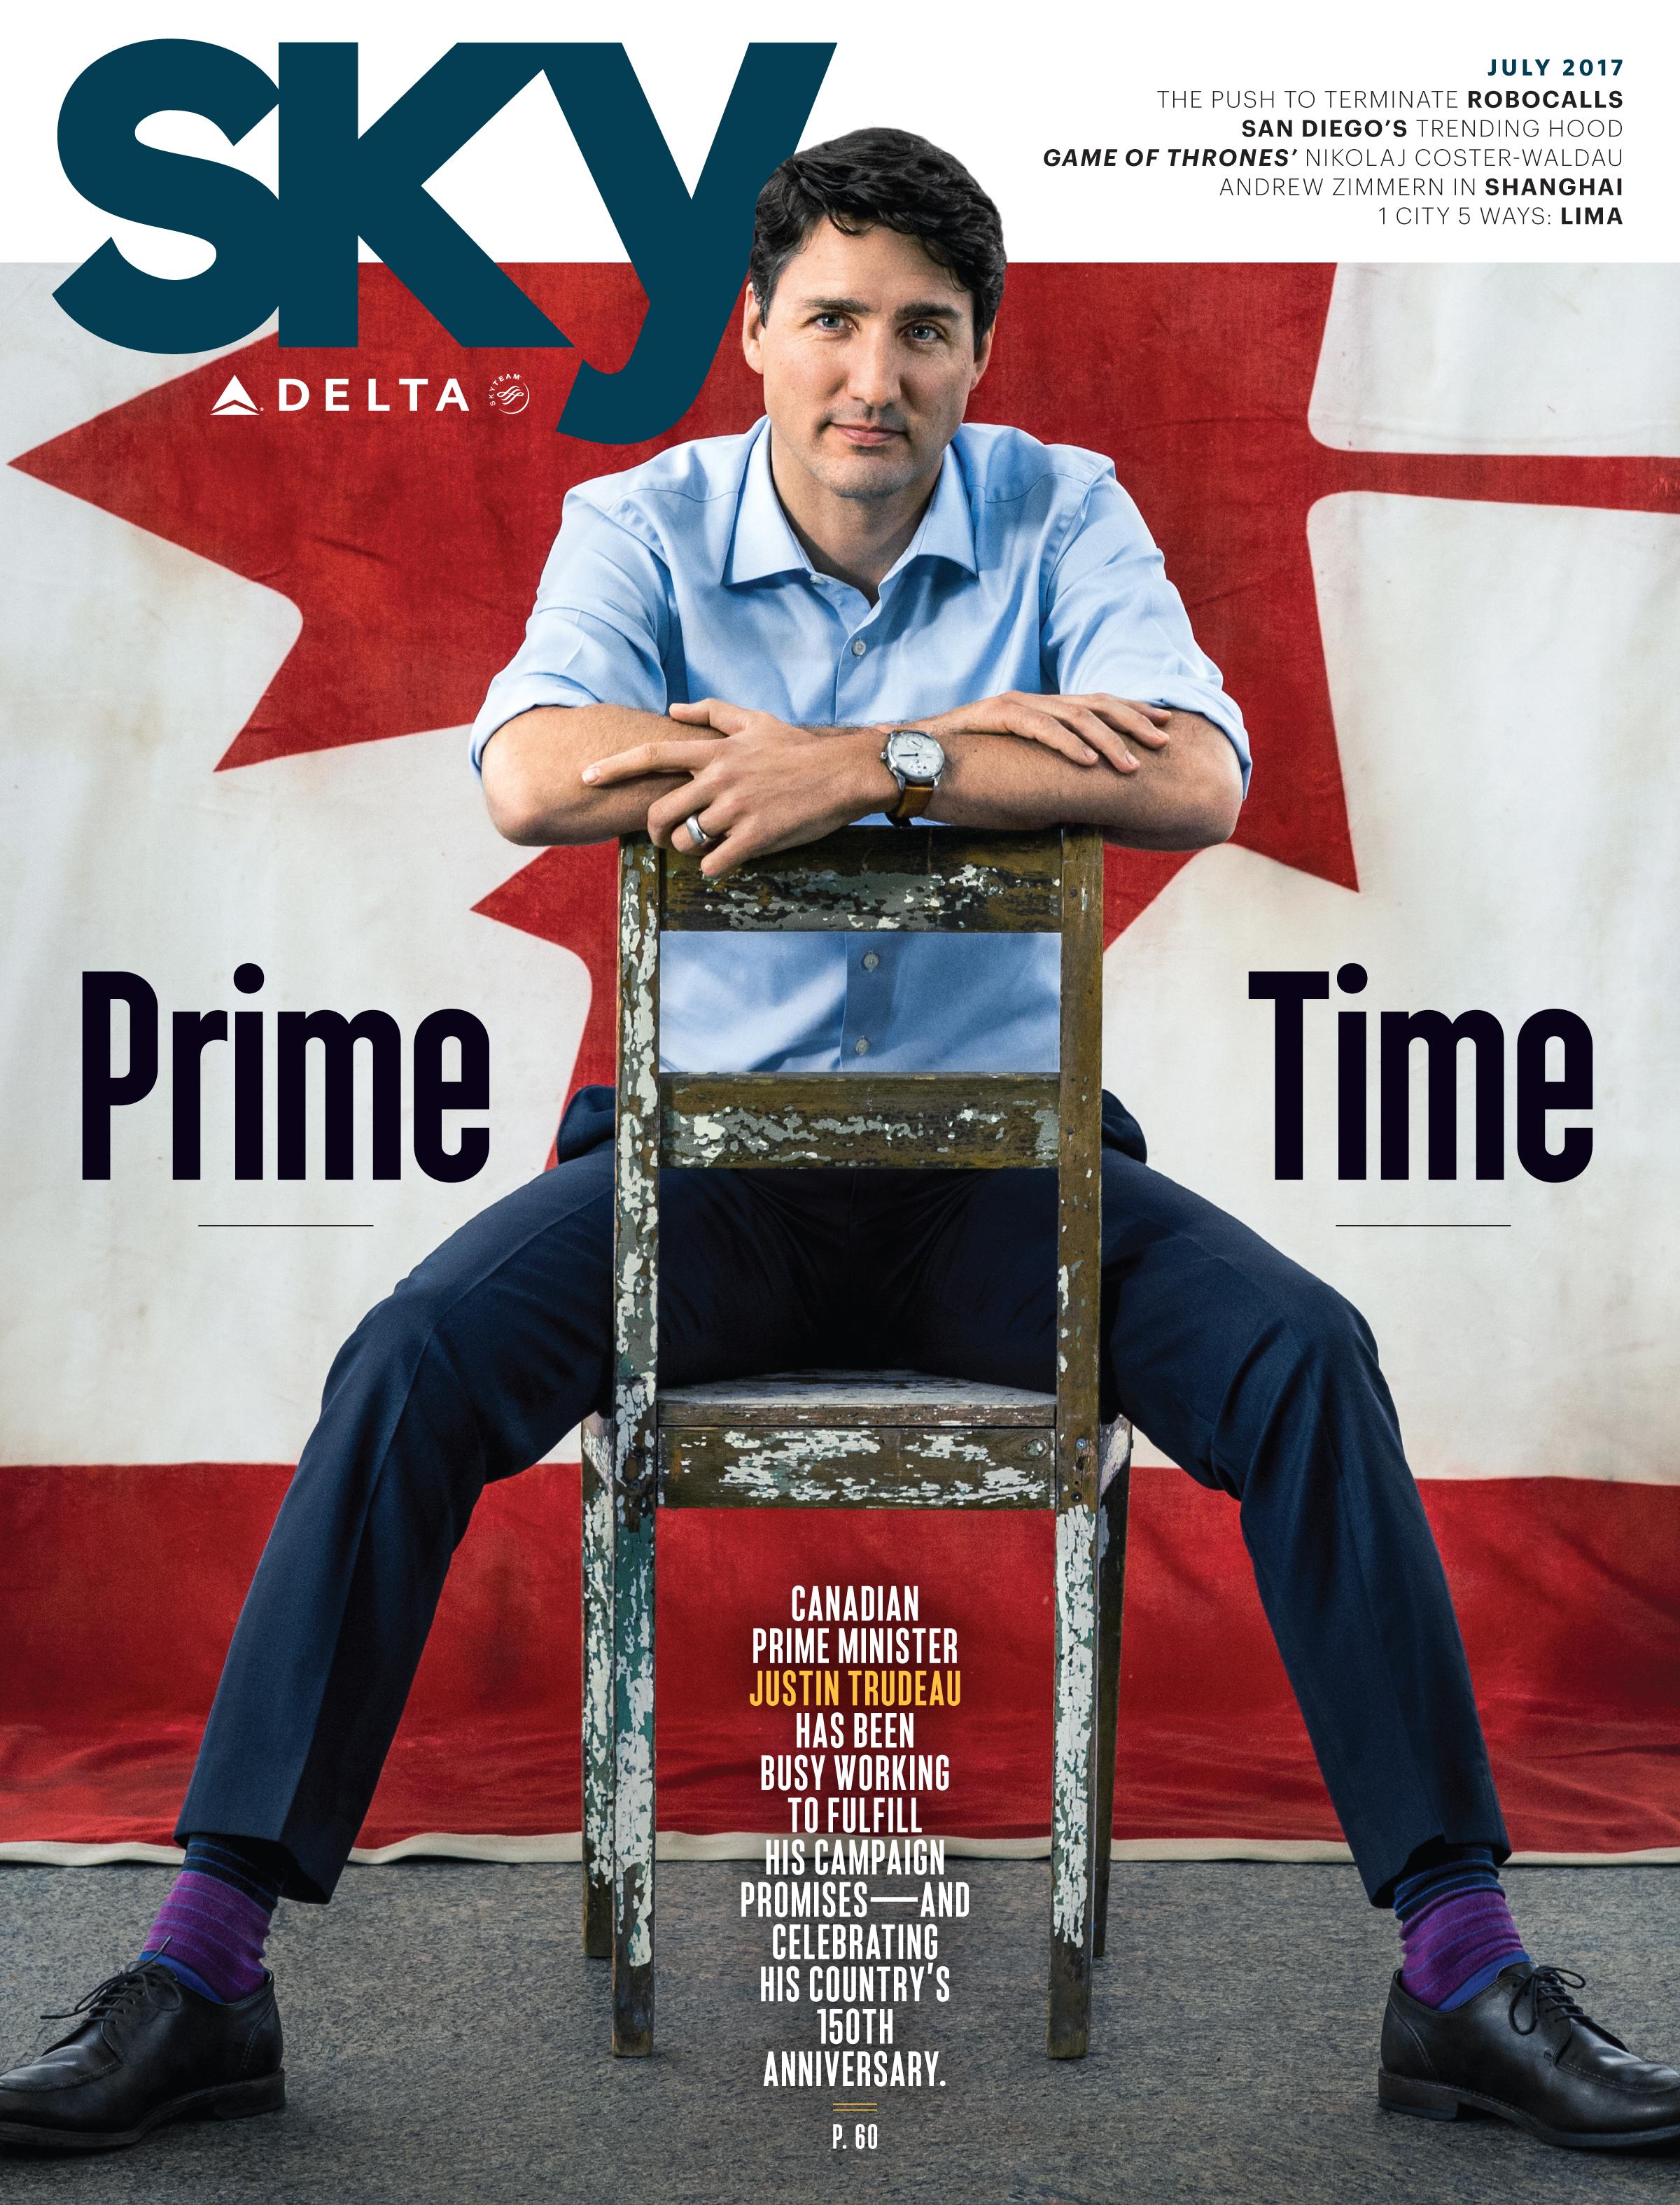 Delta Celebrates Canada's 150th Anniversary with Fare Sale; Prime Minister Trudeau July Sky Magazine Cover Story